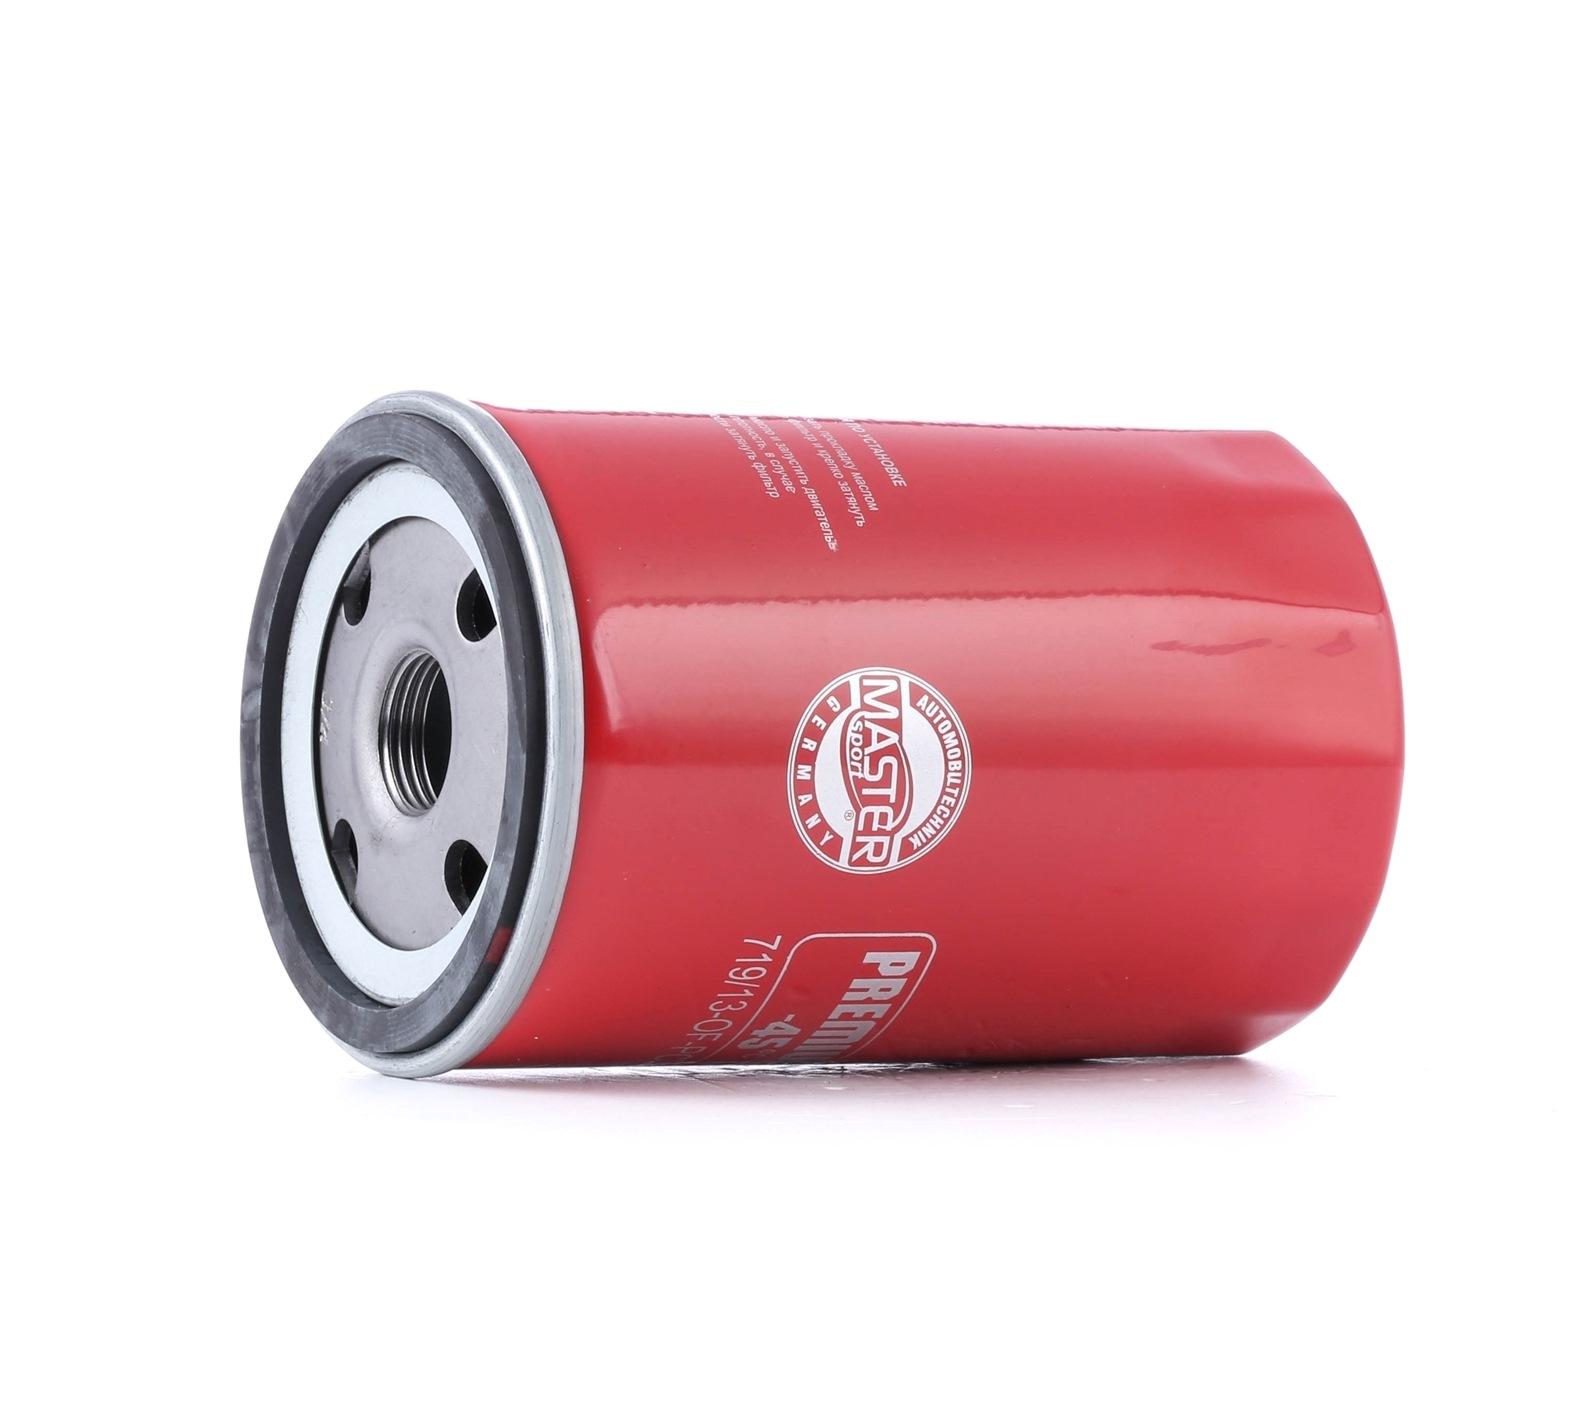 440719130 MASTER-SPORT Cartucho filtrante, com duas válvulas de retenção Diâmetro interior 2: 62mm, Diâmetro interior 2: 62mm, Ø: 76mm, Diâmetro exterior 2: 71mm, Altura: 123mm Filtro de óleo 719/13-OF-PCS-MS comprar económica